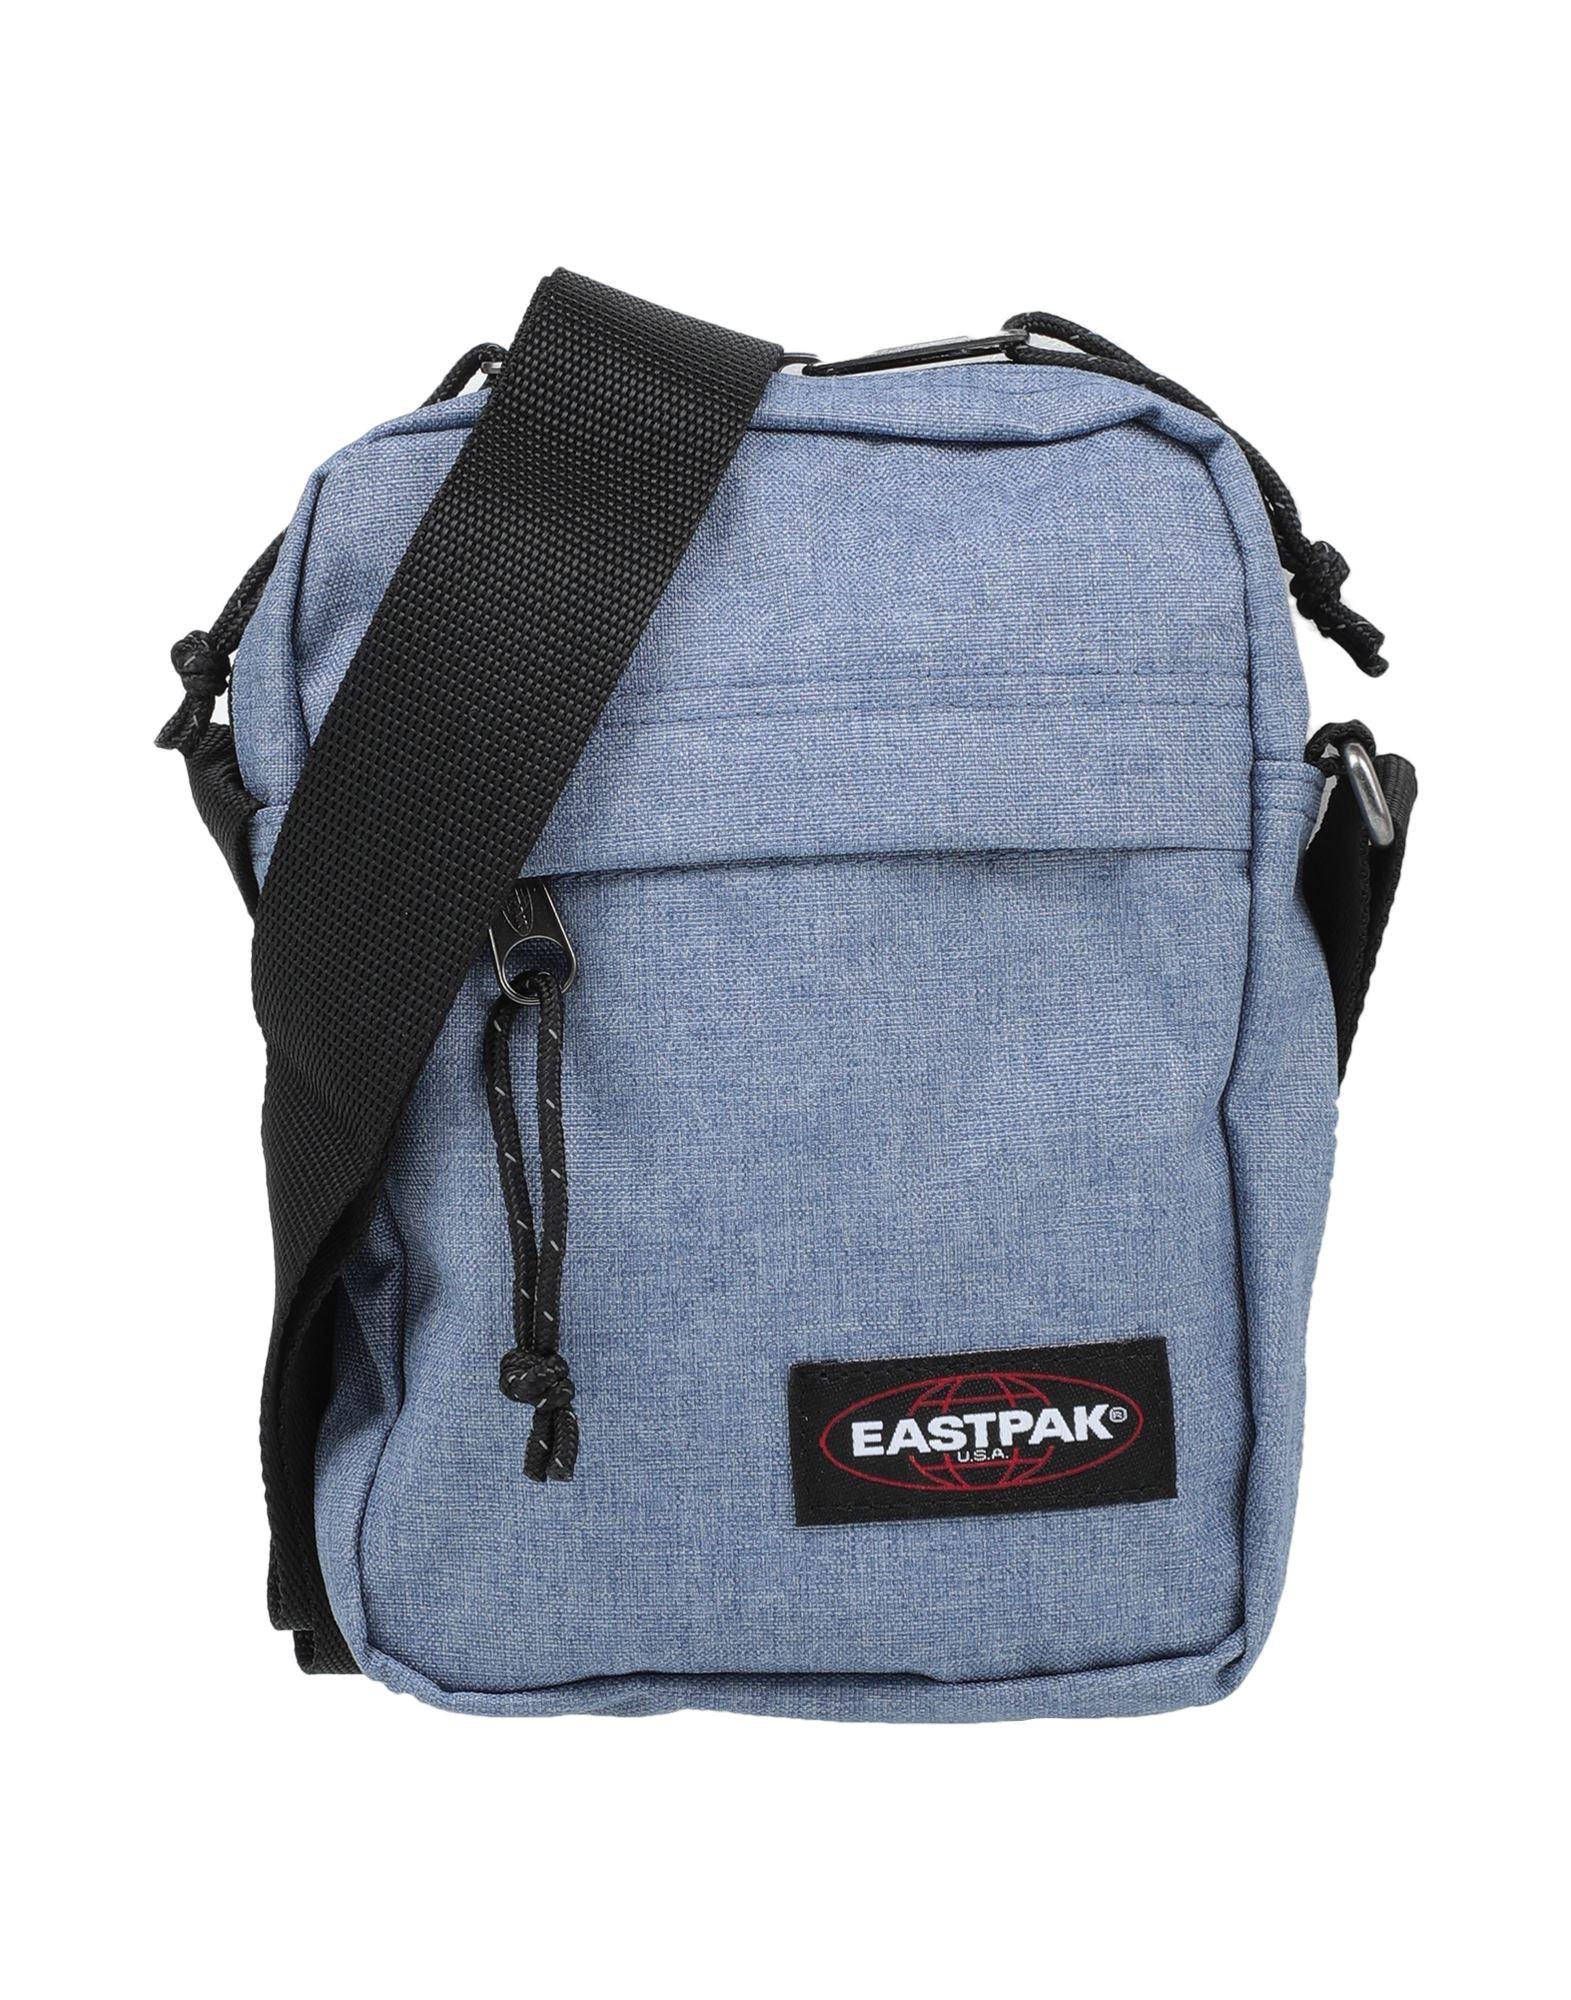 《セール開催中》EASTPAK メンズ メッセンジャーバッグ パステルブルー ナイロン 100%